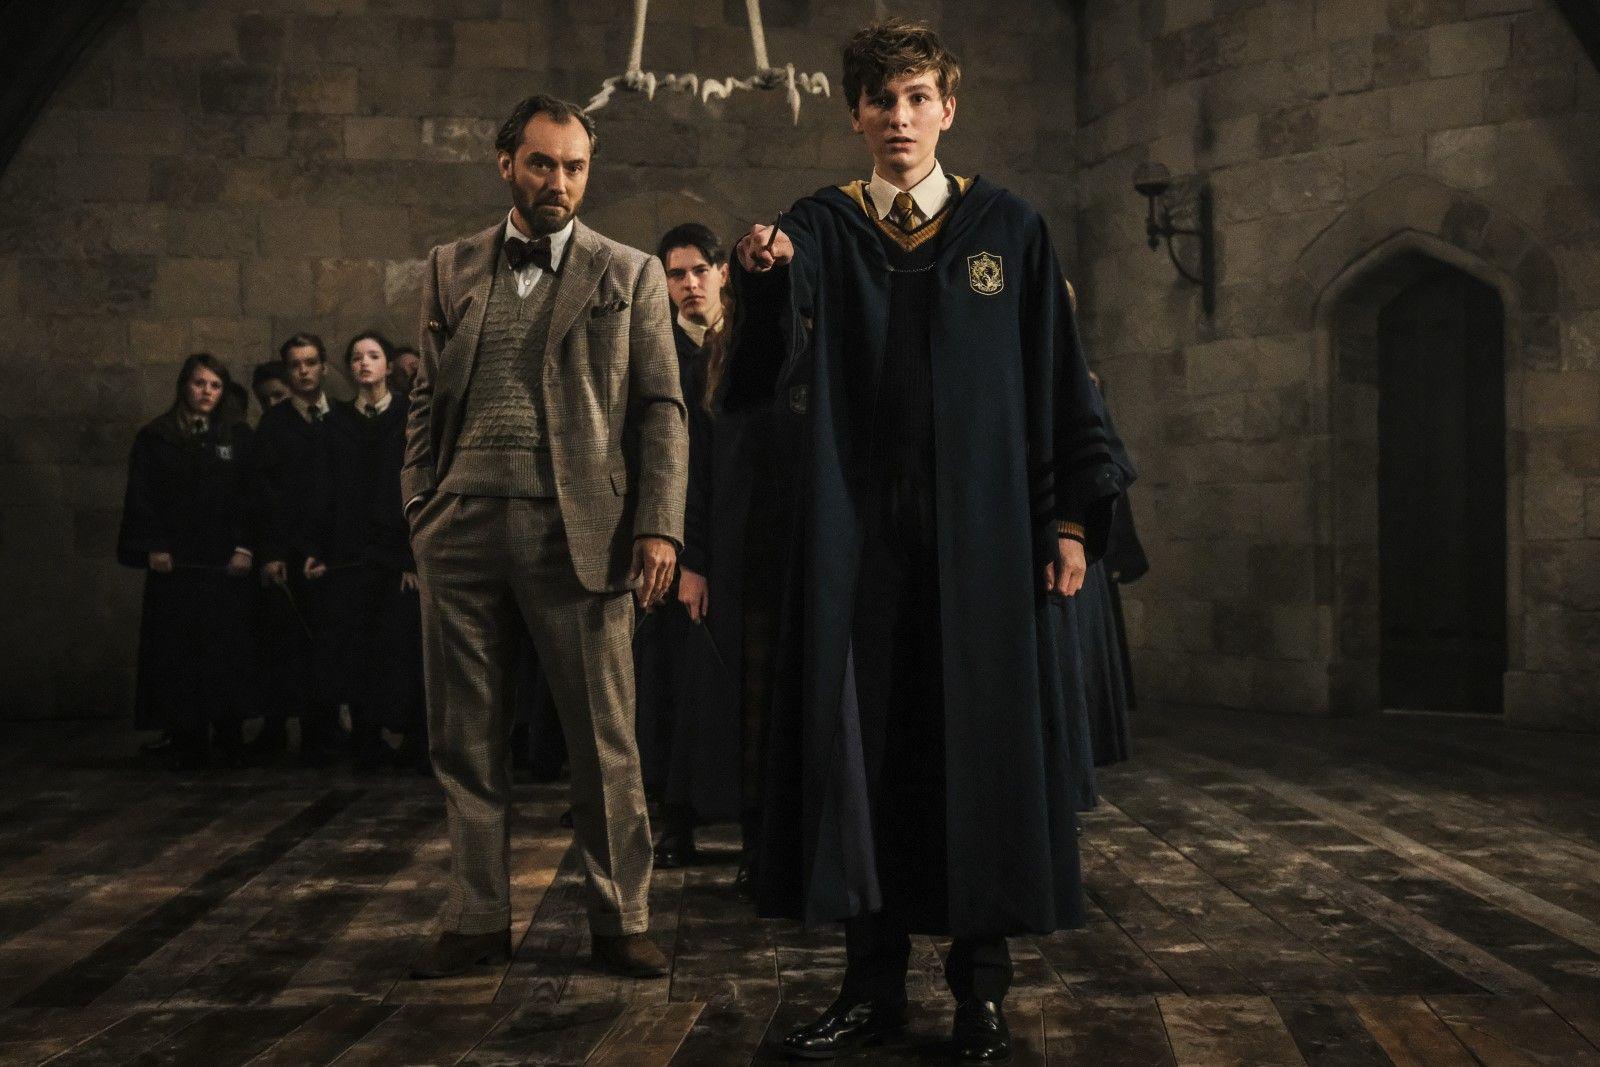 A JK Rowling le encanta traumatizar a sus fans - 'Animales Fantásticos: Los crímenes de Grindelwald'